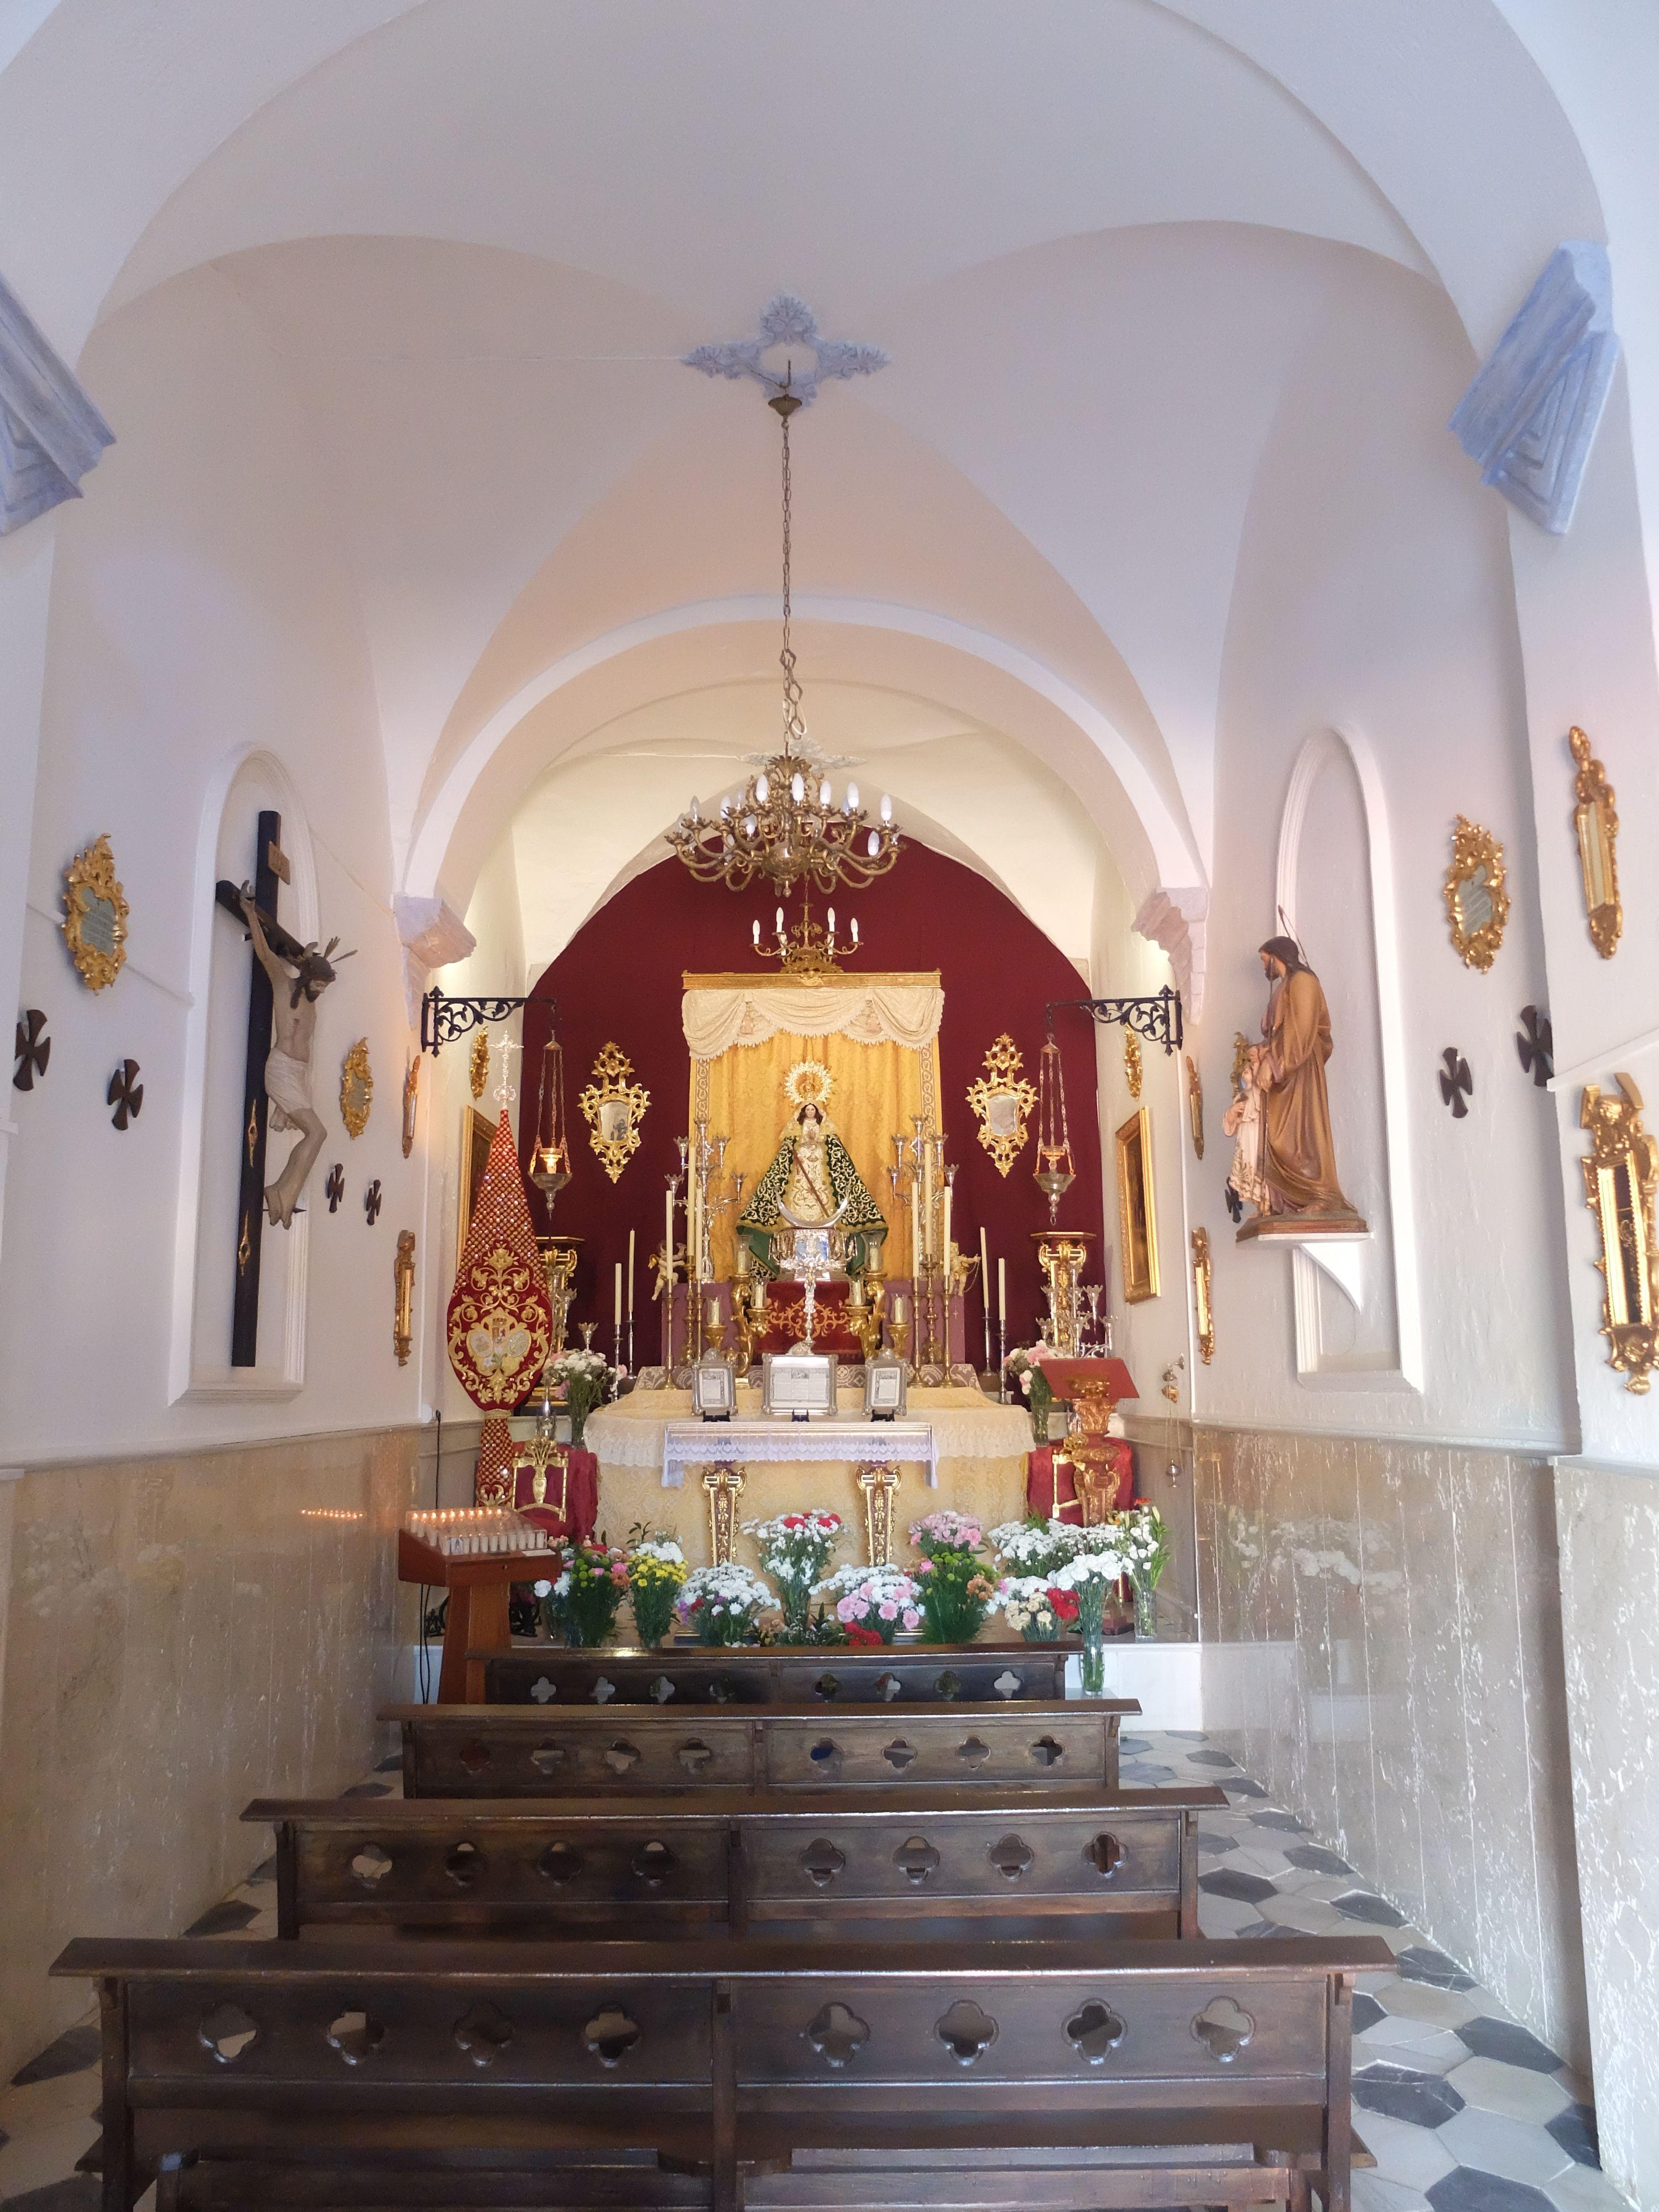 Pizarra. Ermita de la Fuensanta. Interior. Se trata de una iglesia semirrupestre, ya que esta excavada parcialmente en la roca. Los cimientos son los de una antigua iglesia mozárabe.